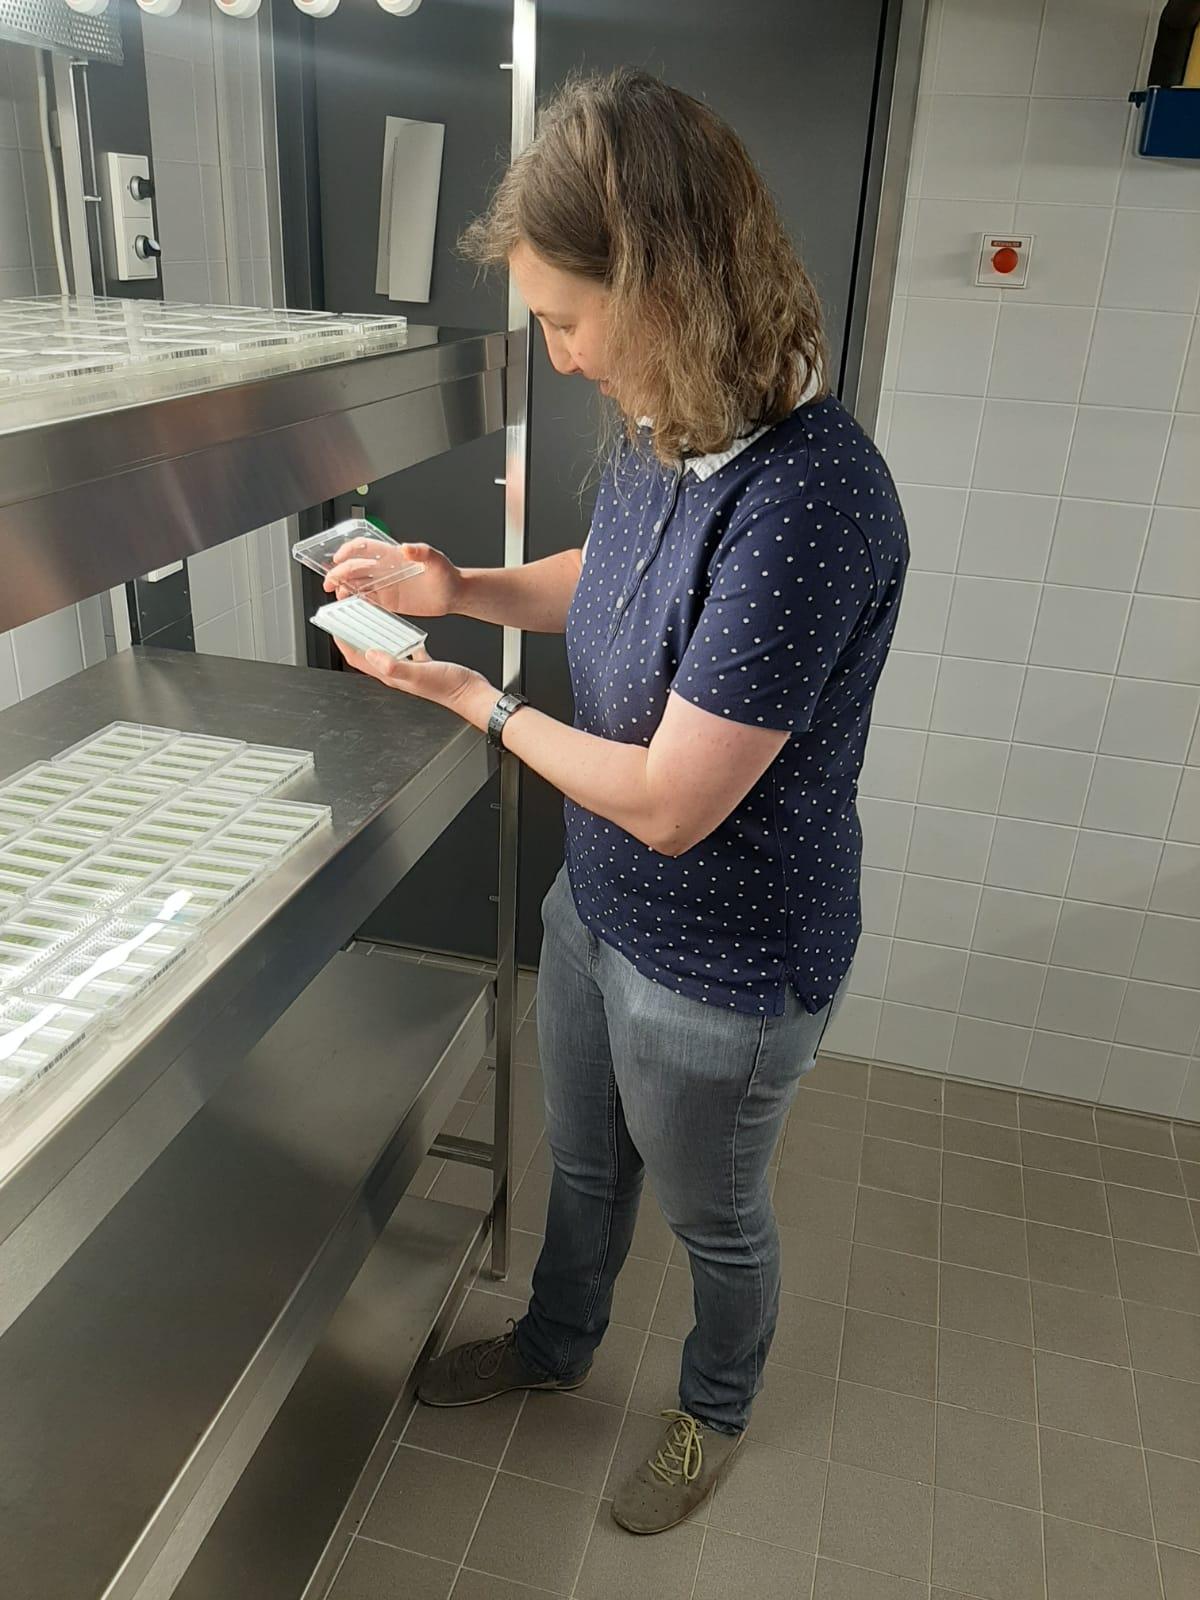 Neben dem Einsatz moderner Hochdurchsatztechnologien fällt auch eine Menge Handarbeit im Labor an.